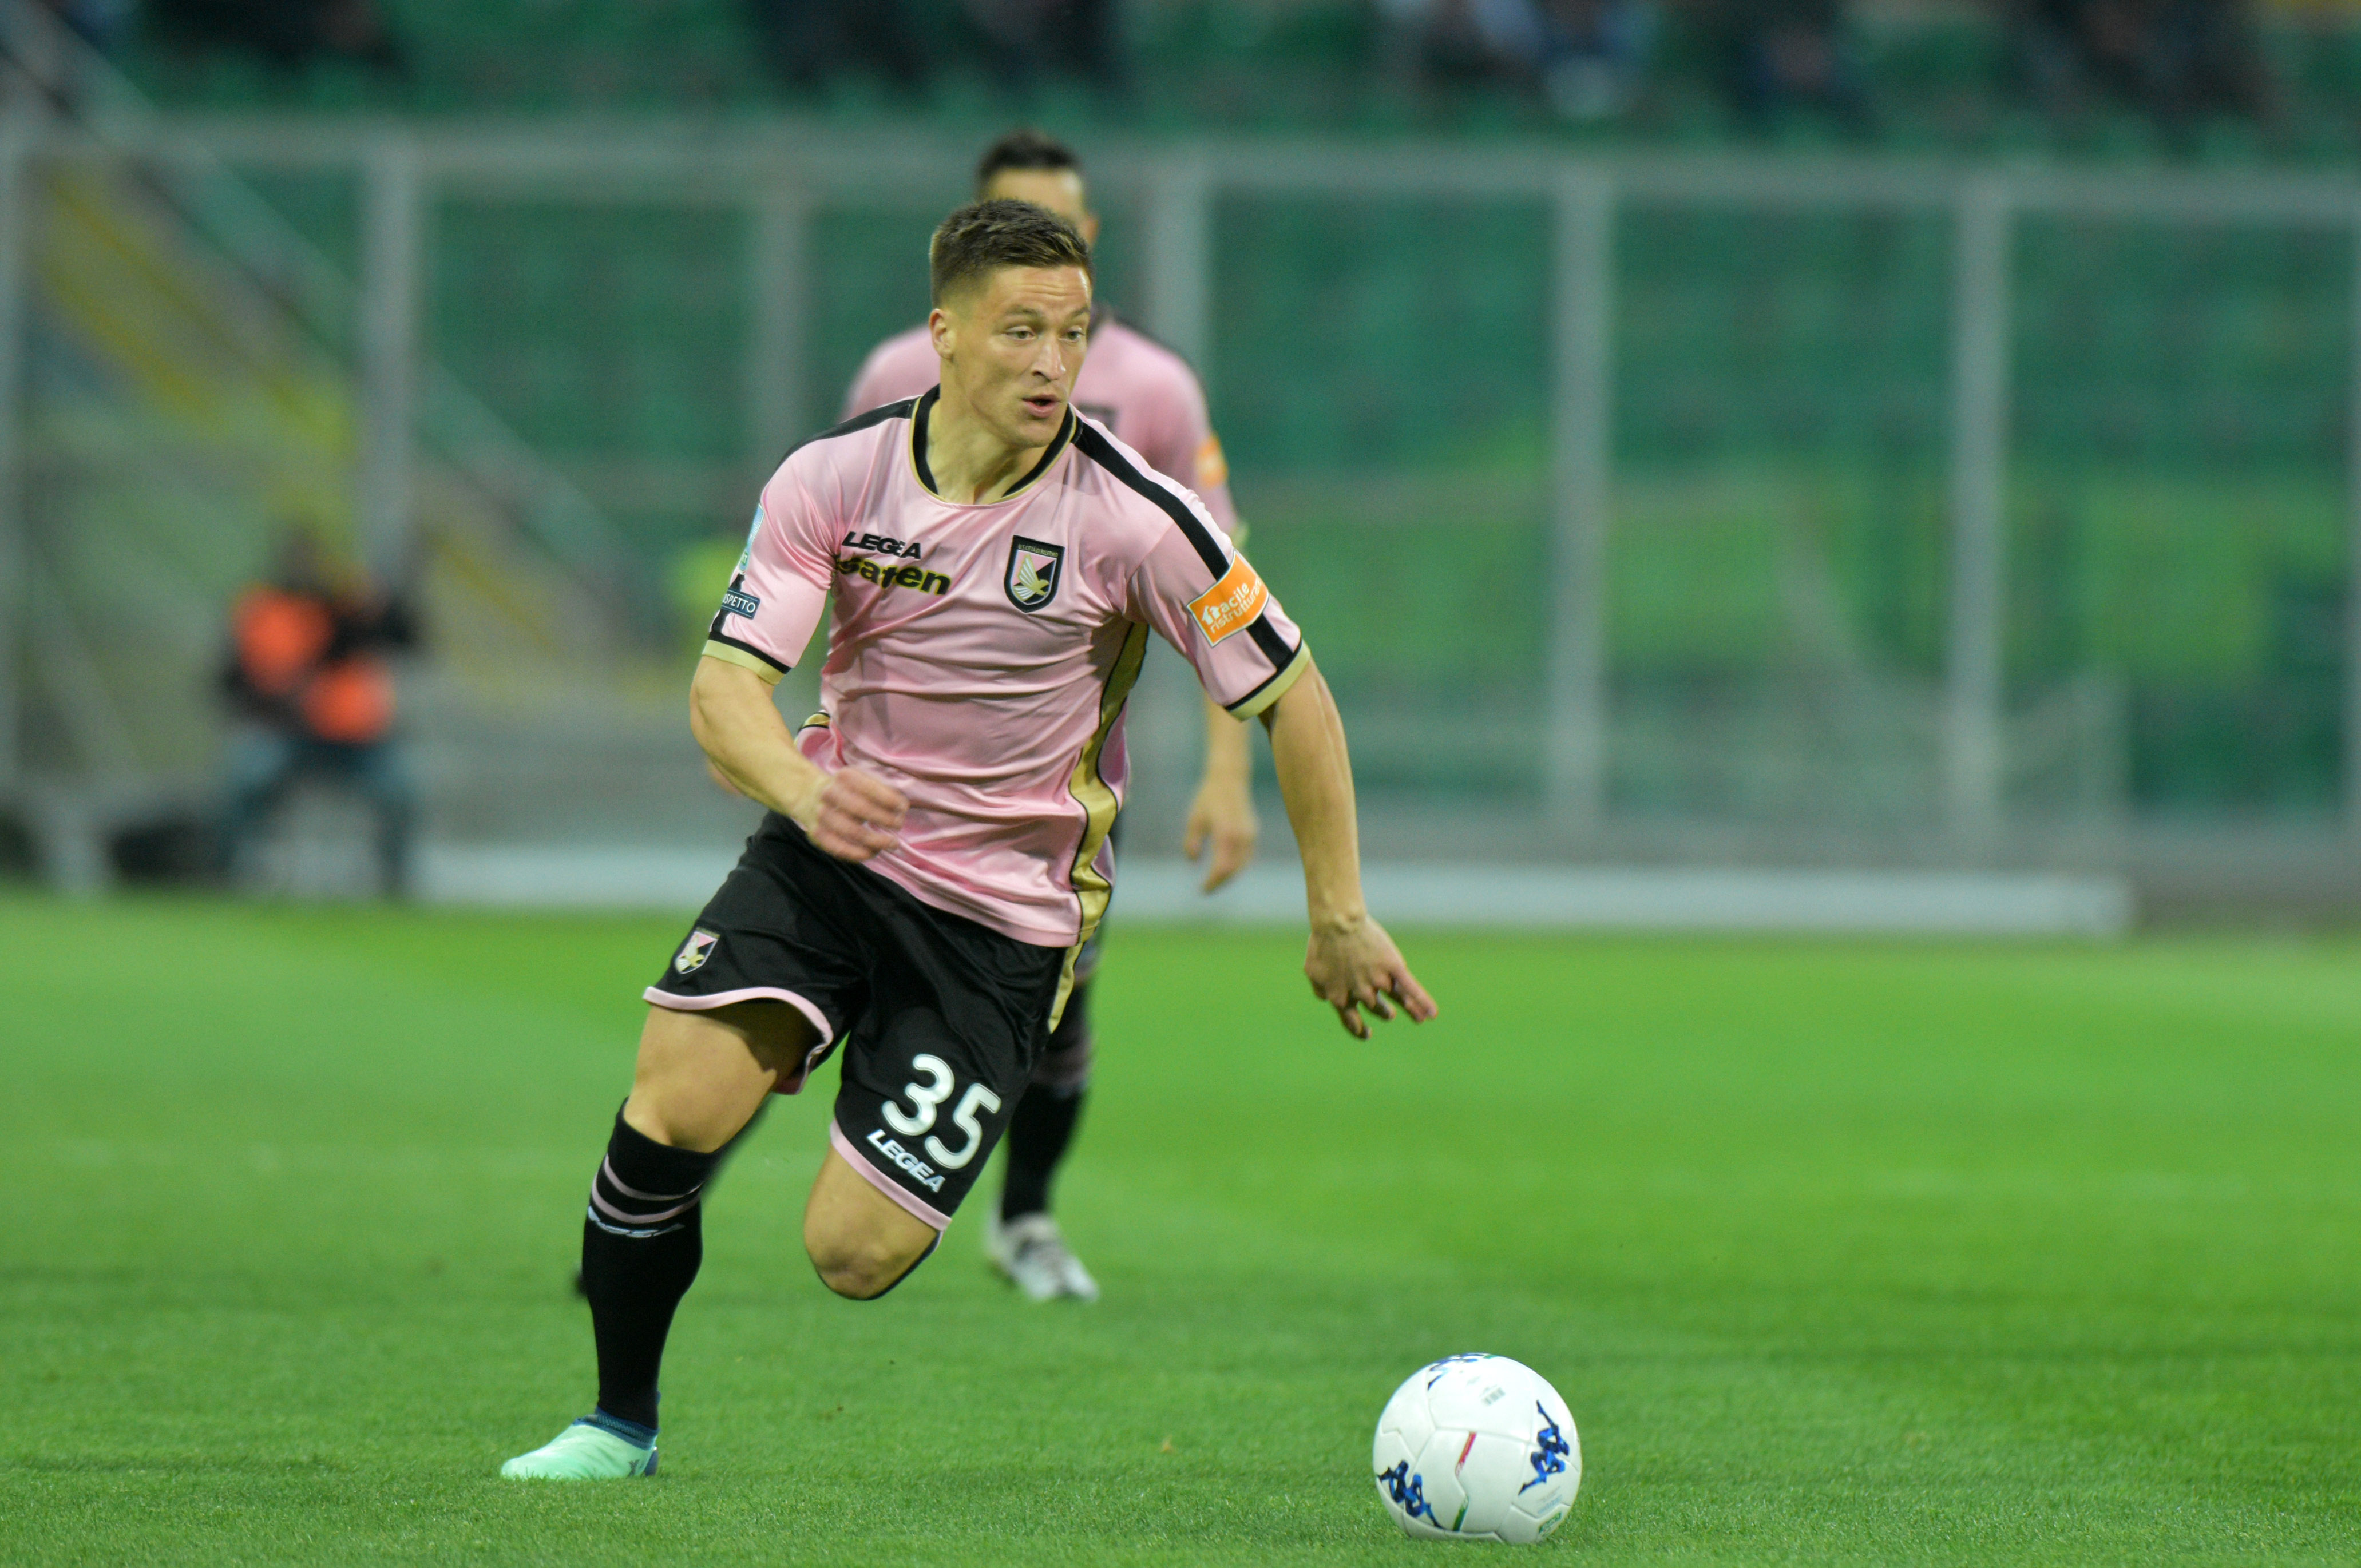 Il centrocampista del Palermo, <b>Radoslaw</b> <b>Murawski</b>, compie oggi 25 anni essendo nato a Gliwice il 22 aprile del 1994. Al giocatore rosanero, 62 presenze e due gol con la maglia rosanero, gli auguri di tutta la redazione di ...</div> <a class=